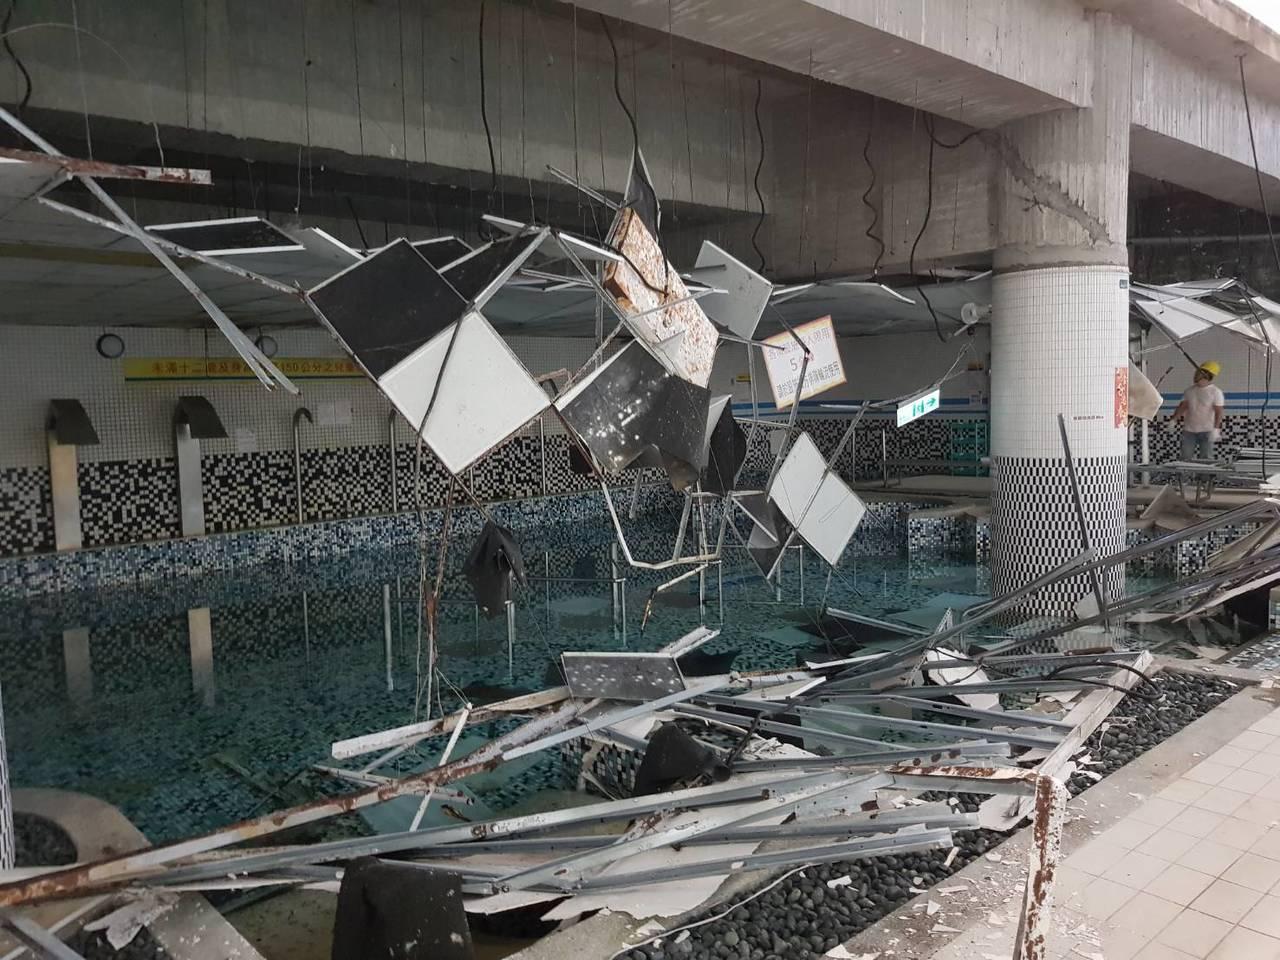 南港運動中心泳池邊天花板輕鋼架掉落。記者翁浩然/攝影